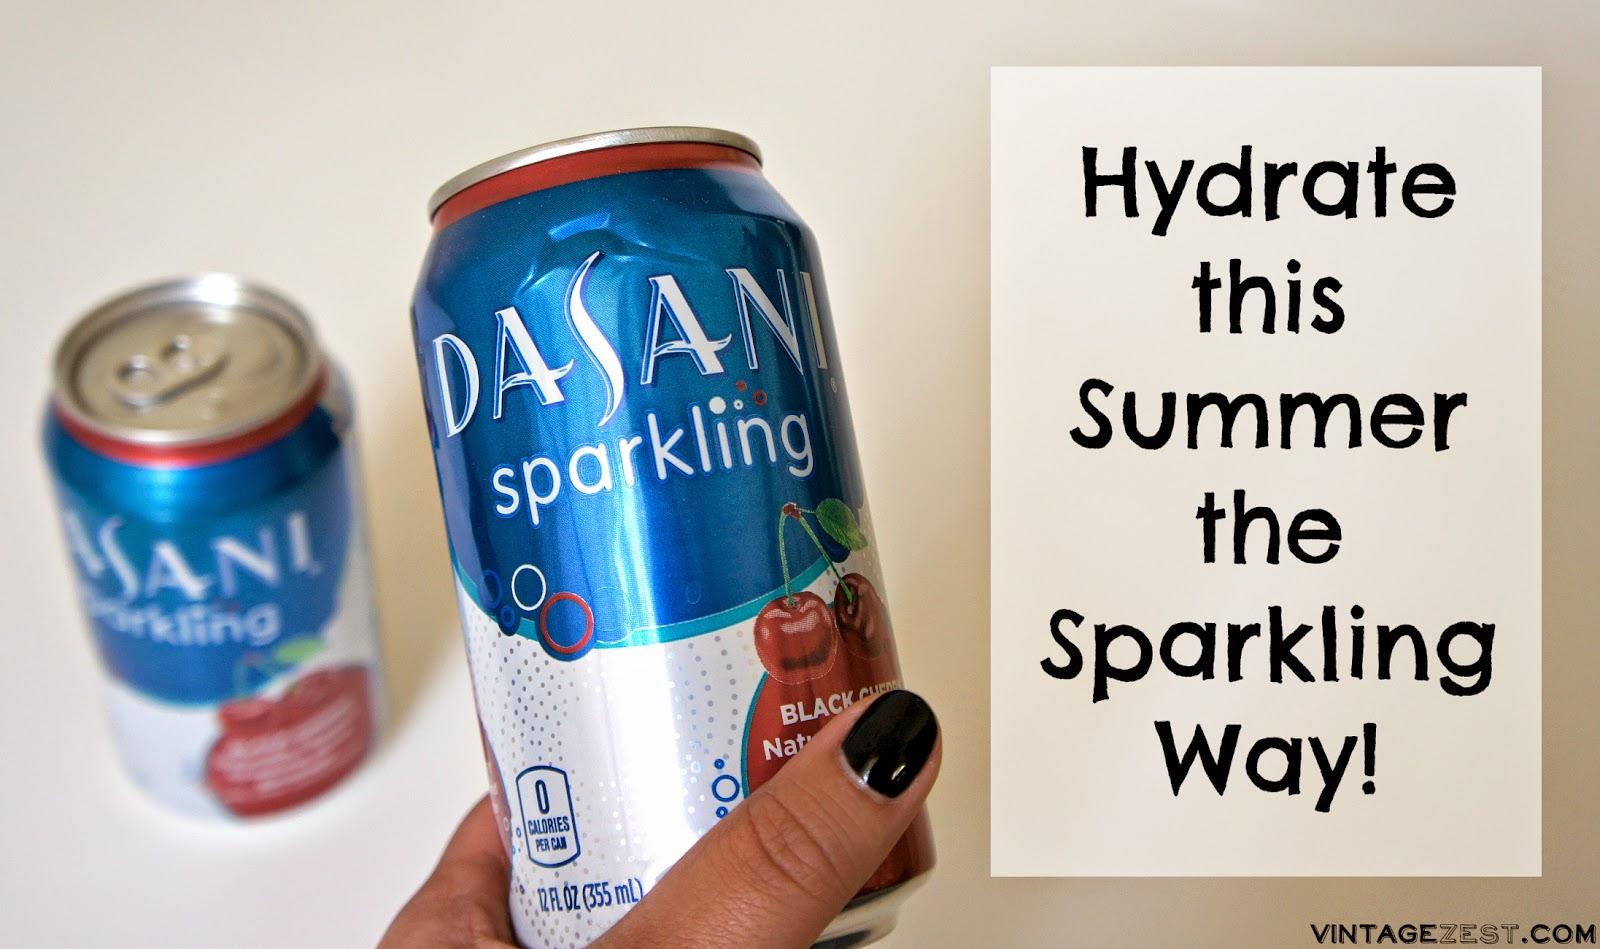 Hydrate this Summer the Sparkling Way on Diane's Vintage Zest! #DASANIsparkling